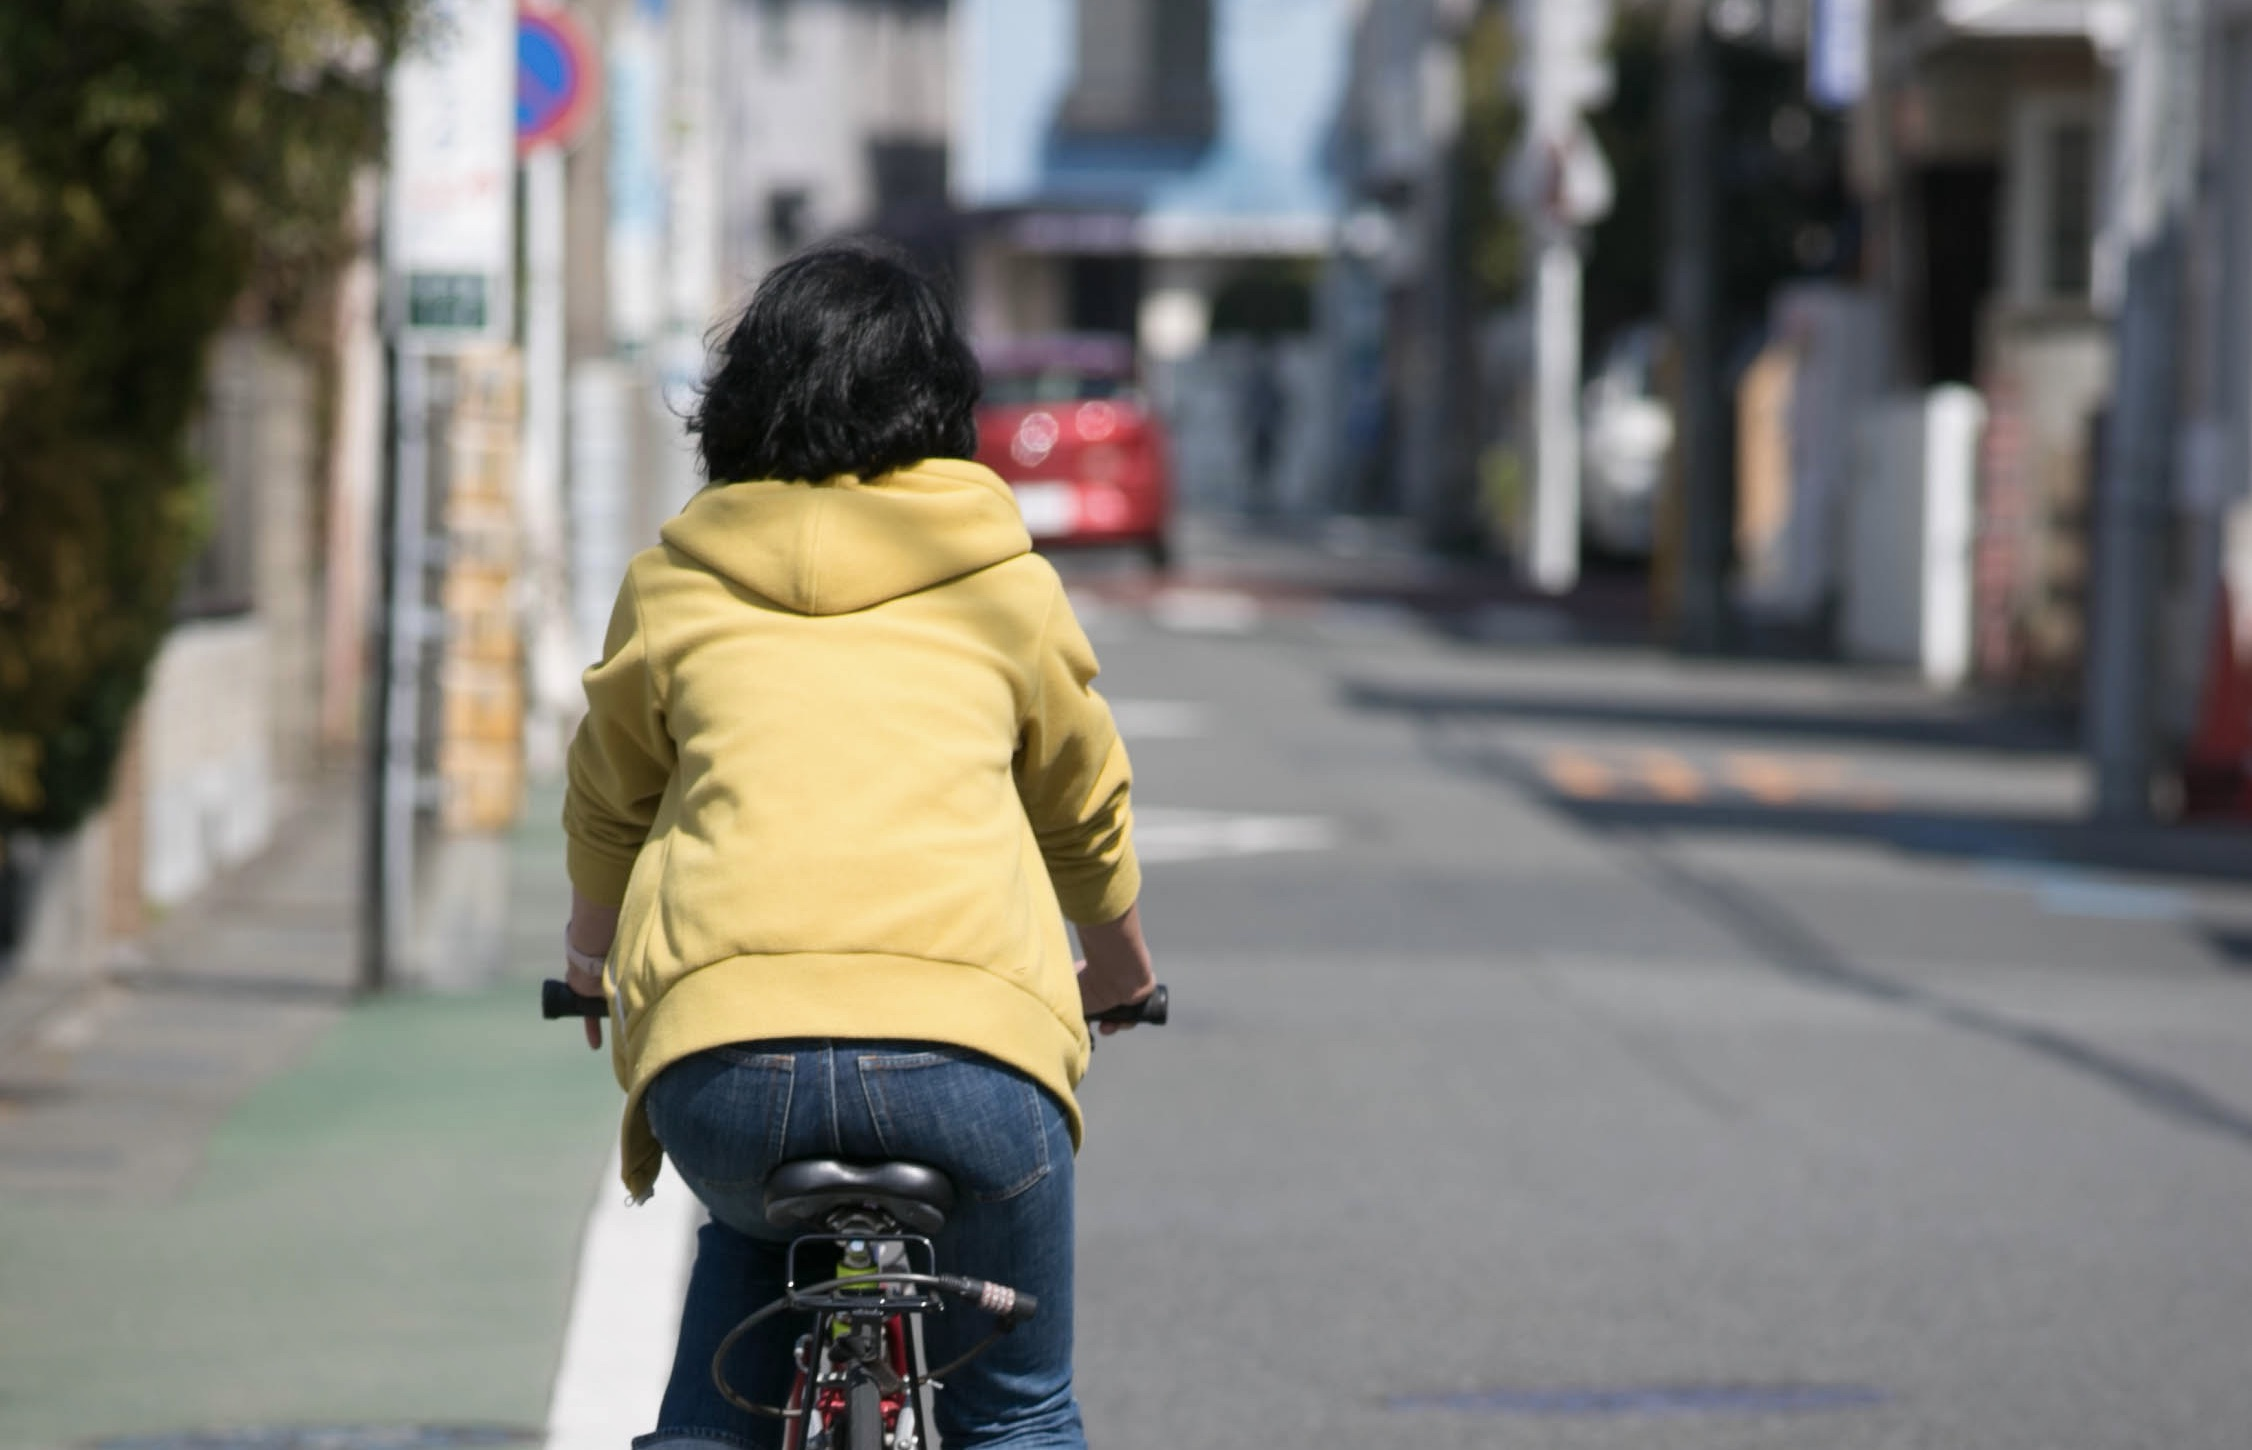 クロストレーニングのサイクリング